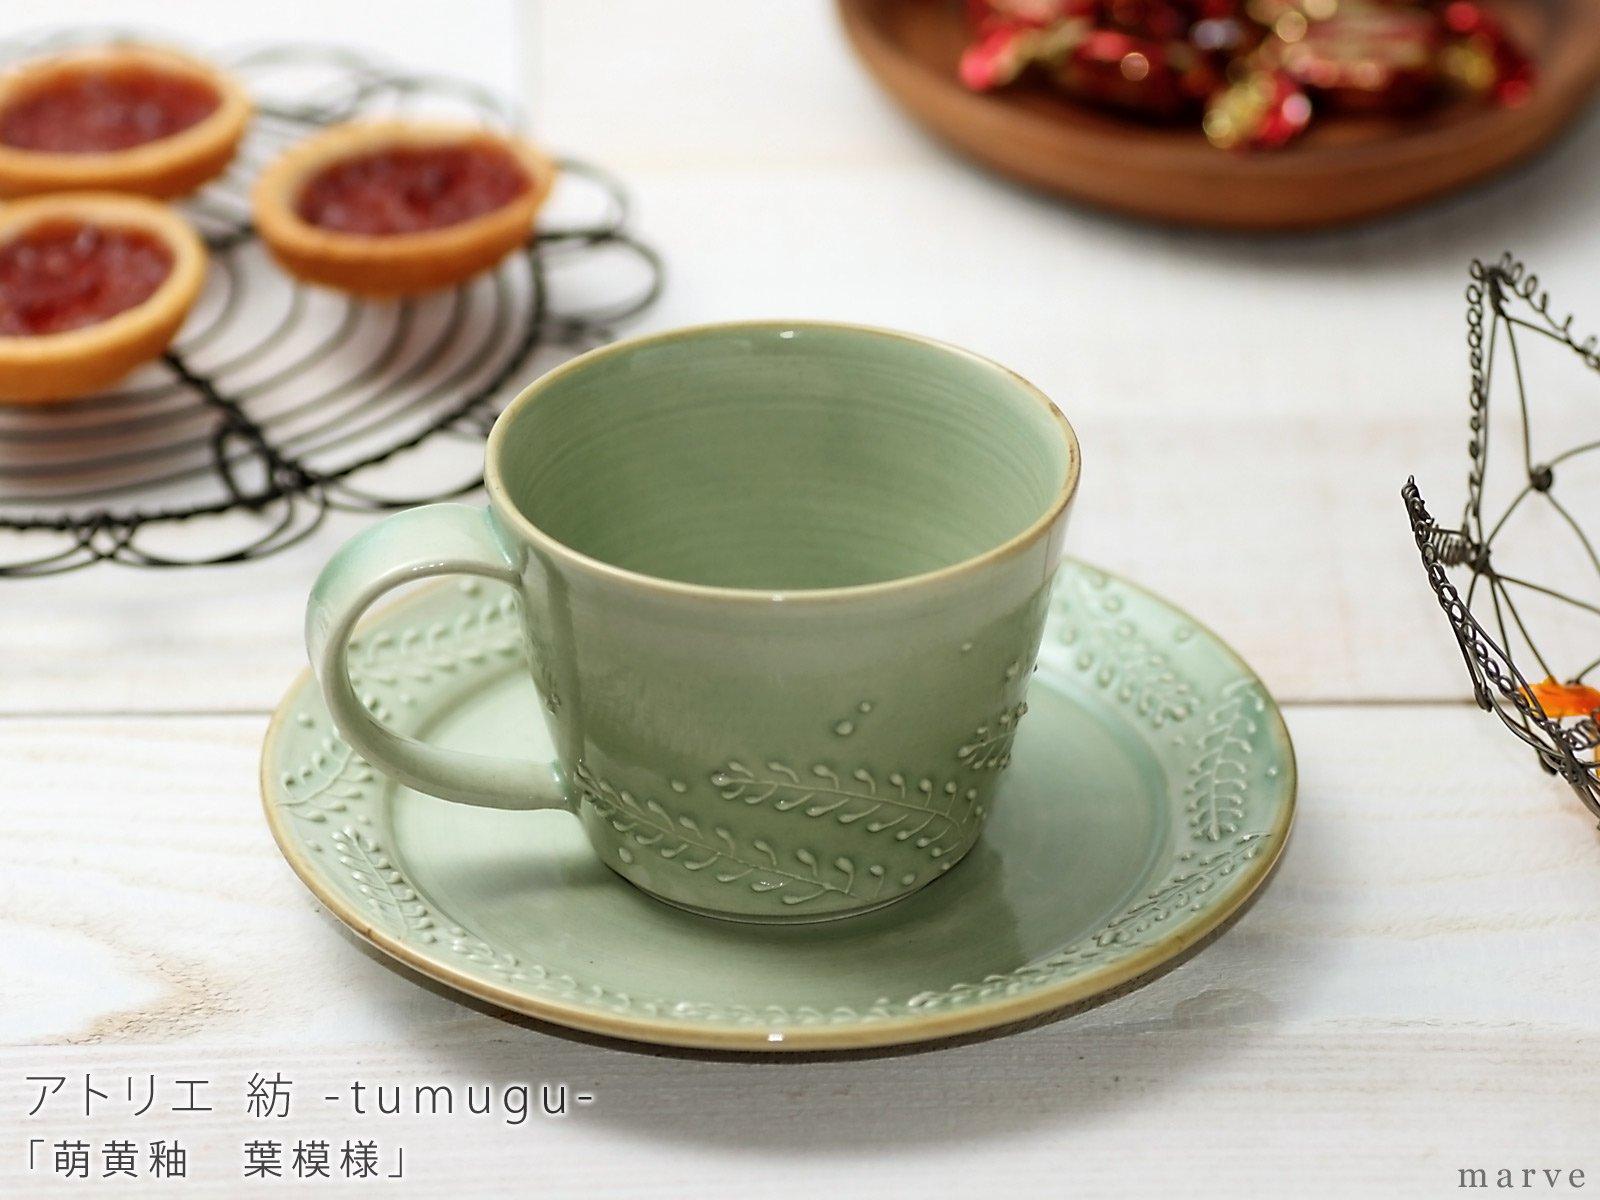 アトリエ 紡-tsumugu-(足立貴隆・神坂幸恵) 萌黄釉 葉模様カップ&ソーサー